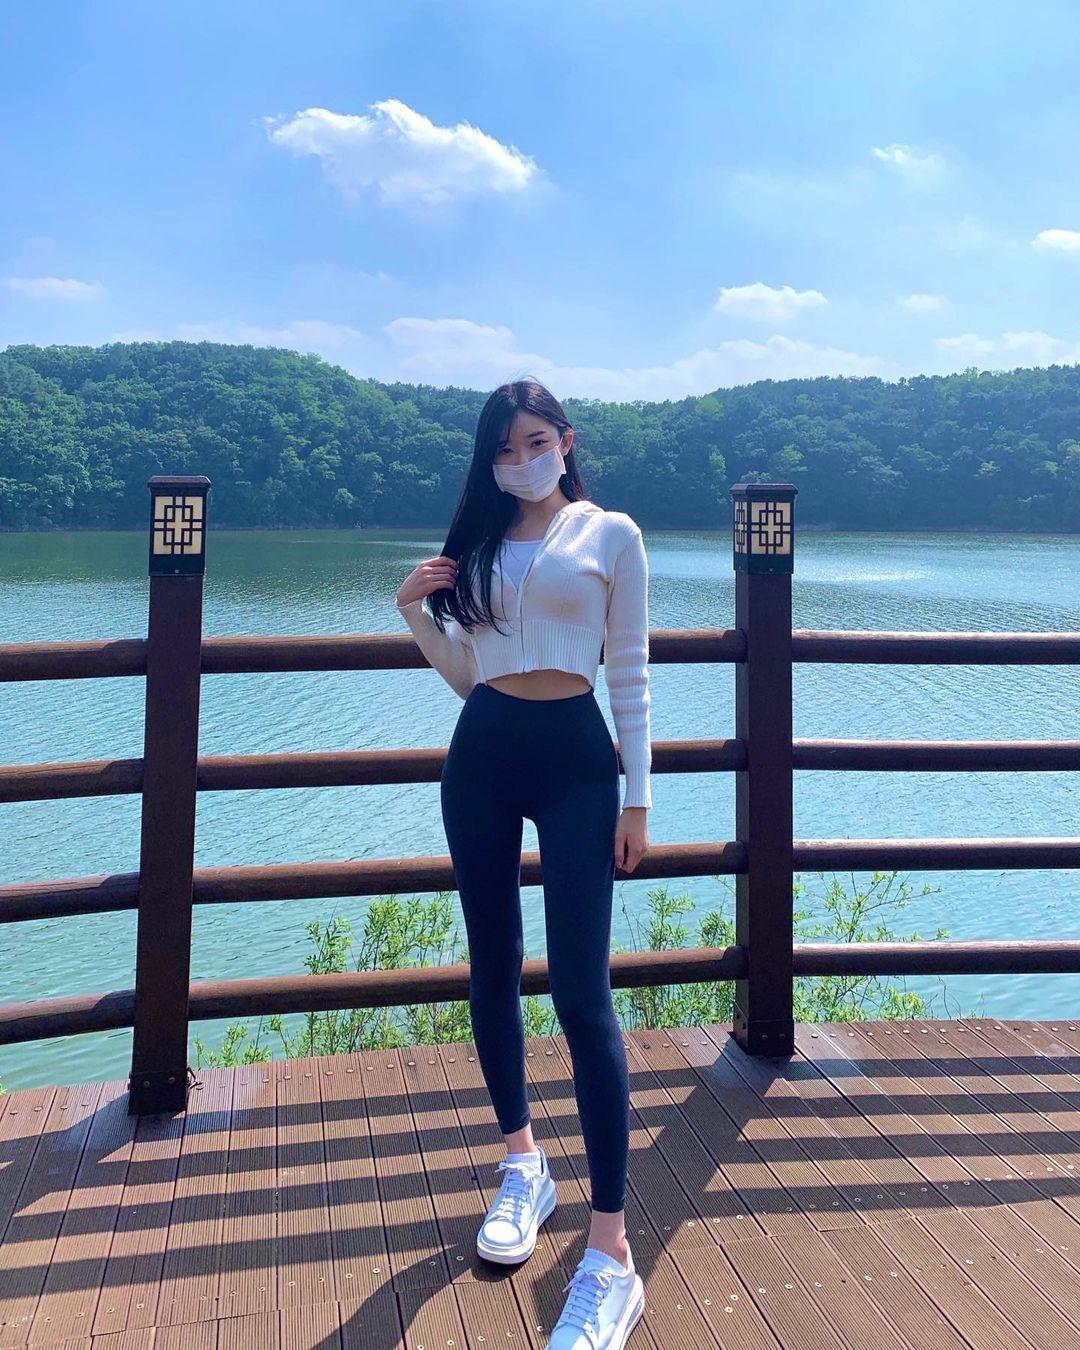 韩国街头超正短裙长腿妹,身材纤细却有料,清纯脸蛋藏着小恶魔的内在 养眼图片 第10张